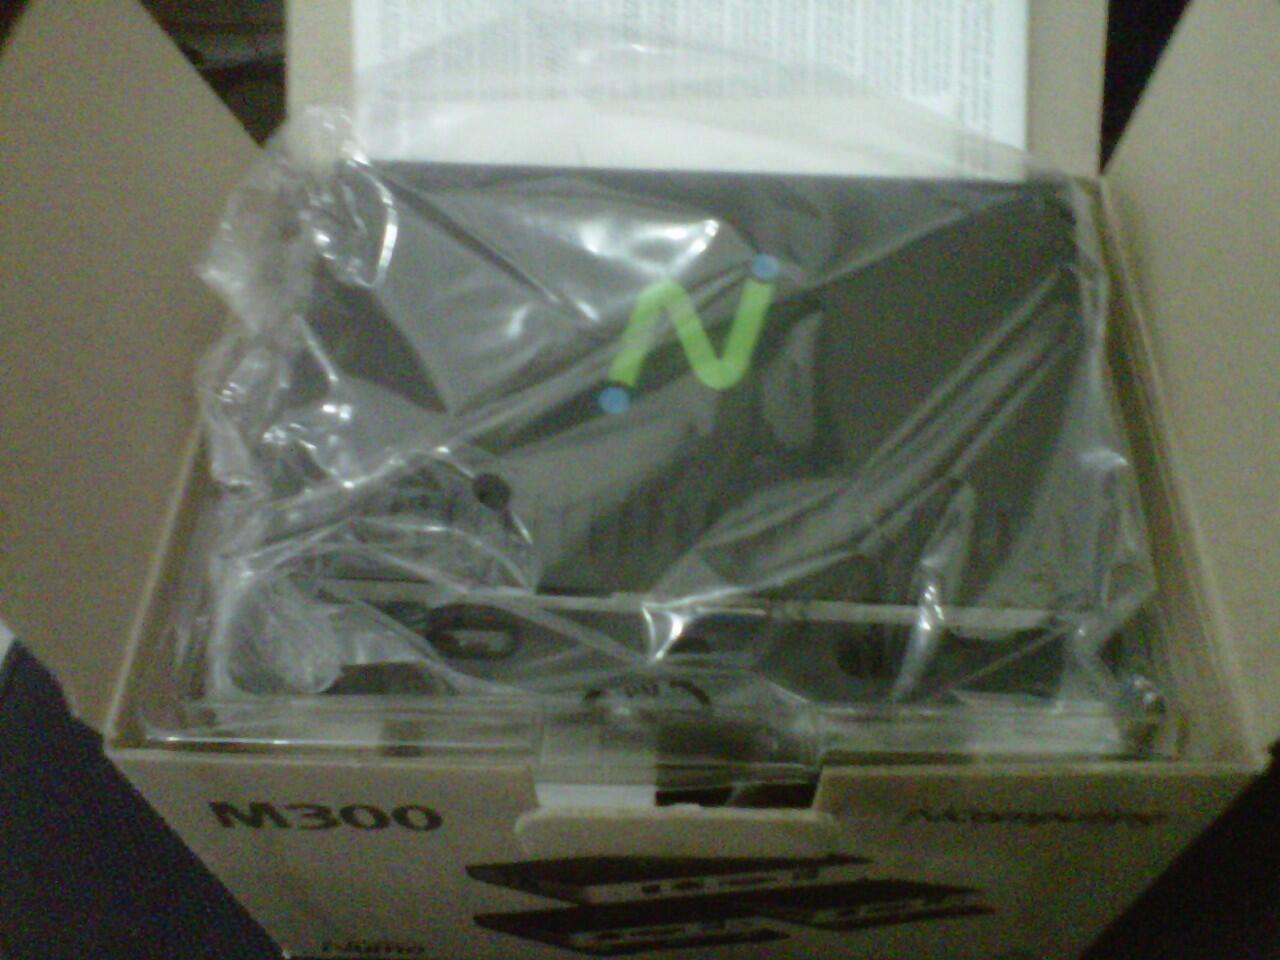 dijual Ncomputing m300